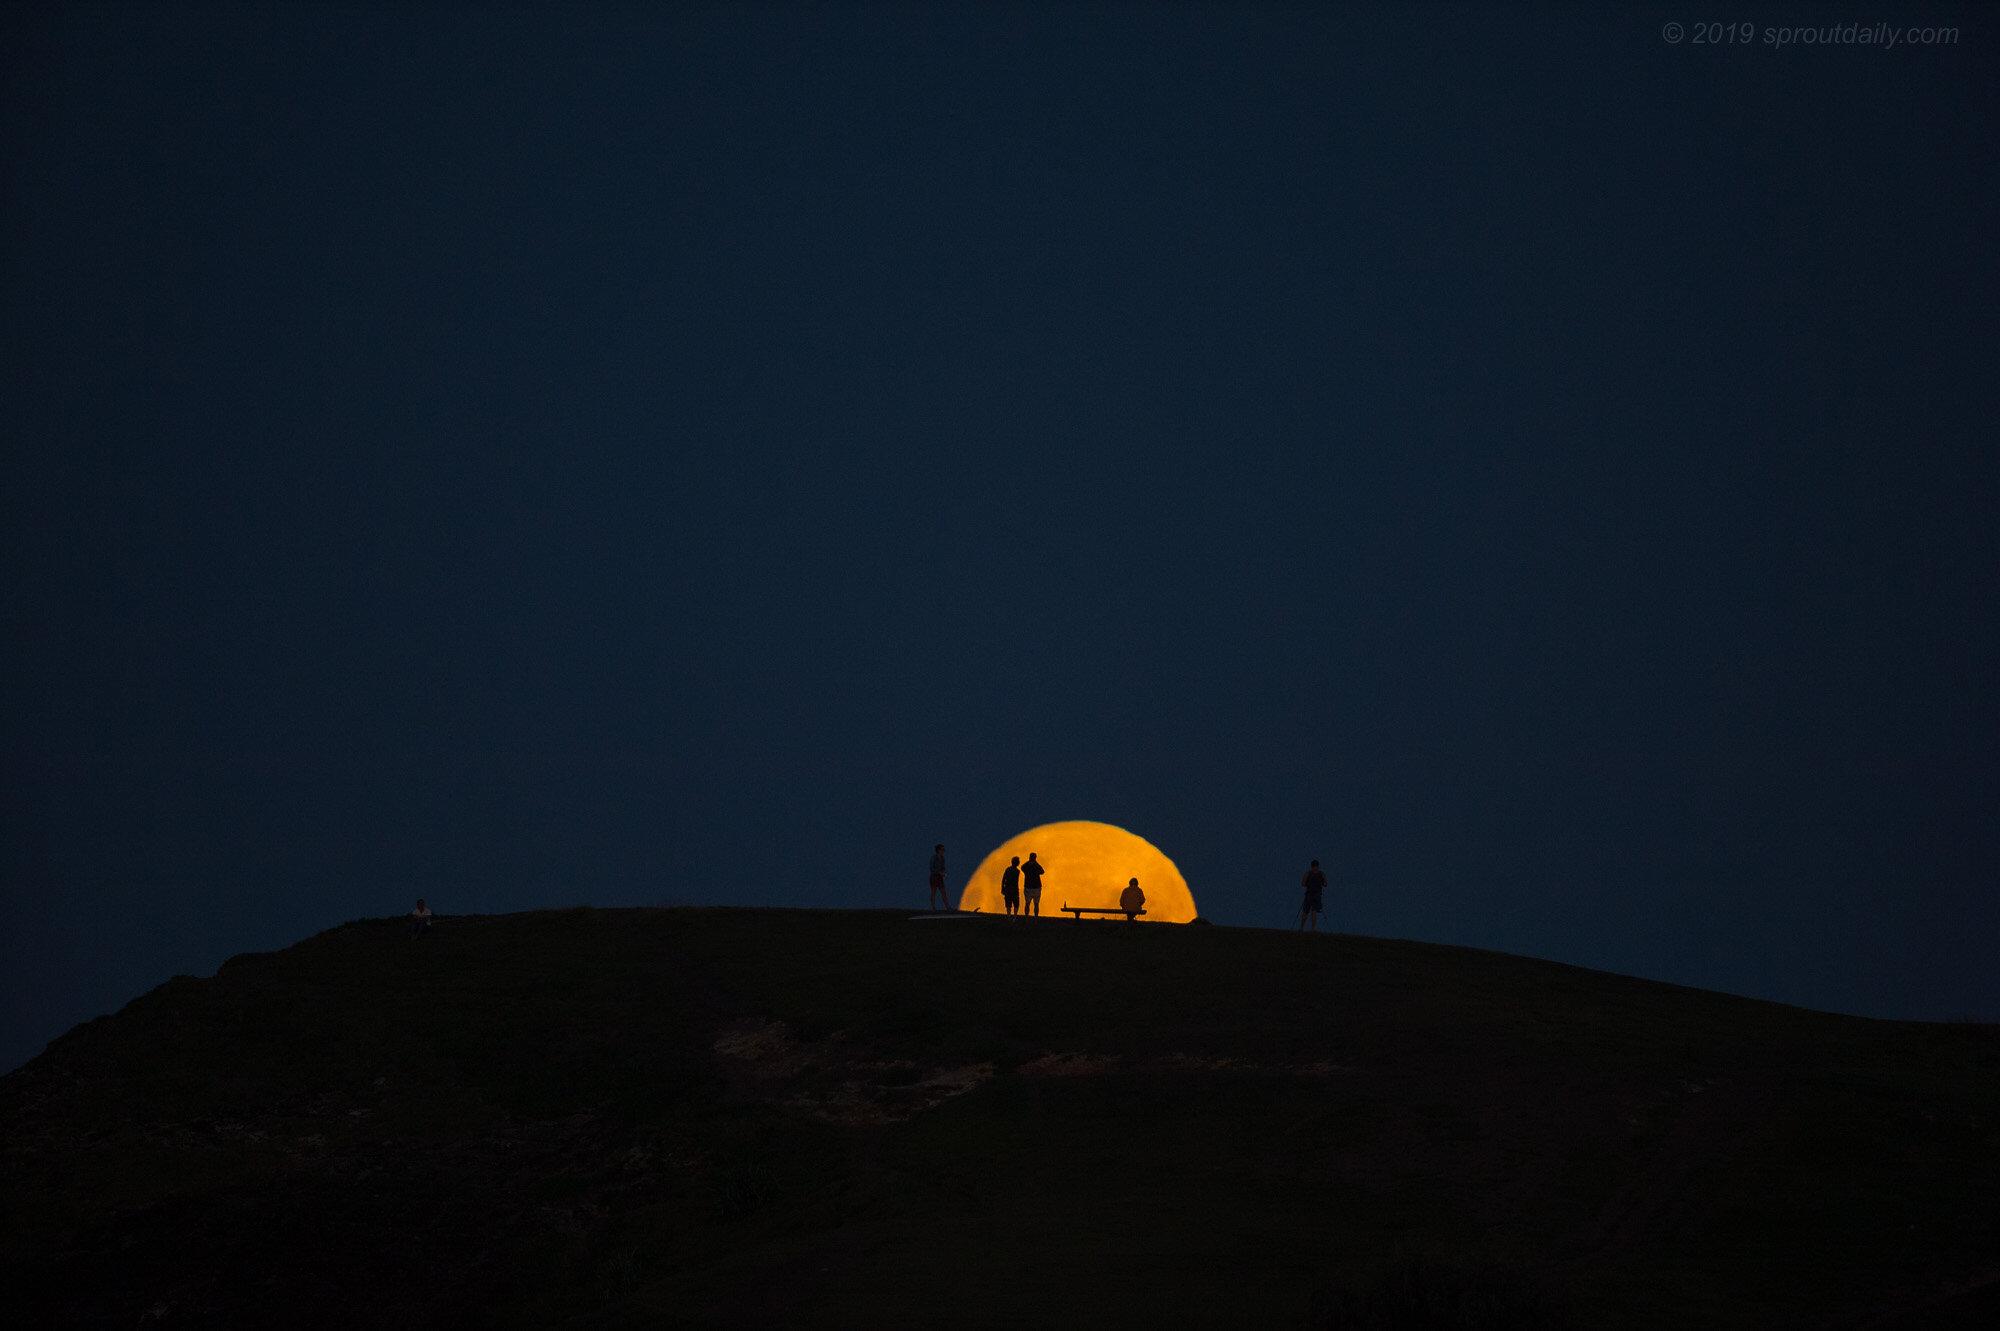 17 Mar - Moonrise Viewing, Crescent Head